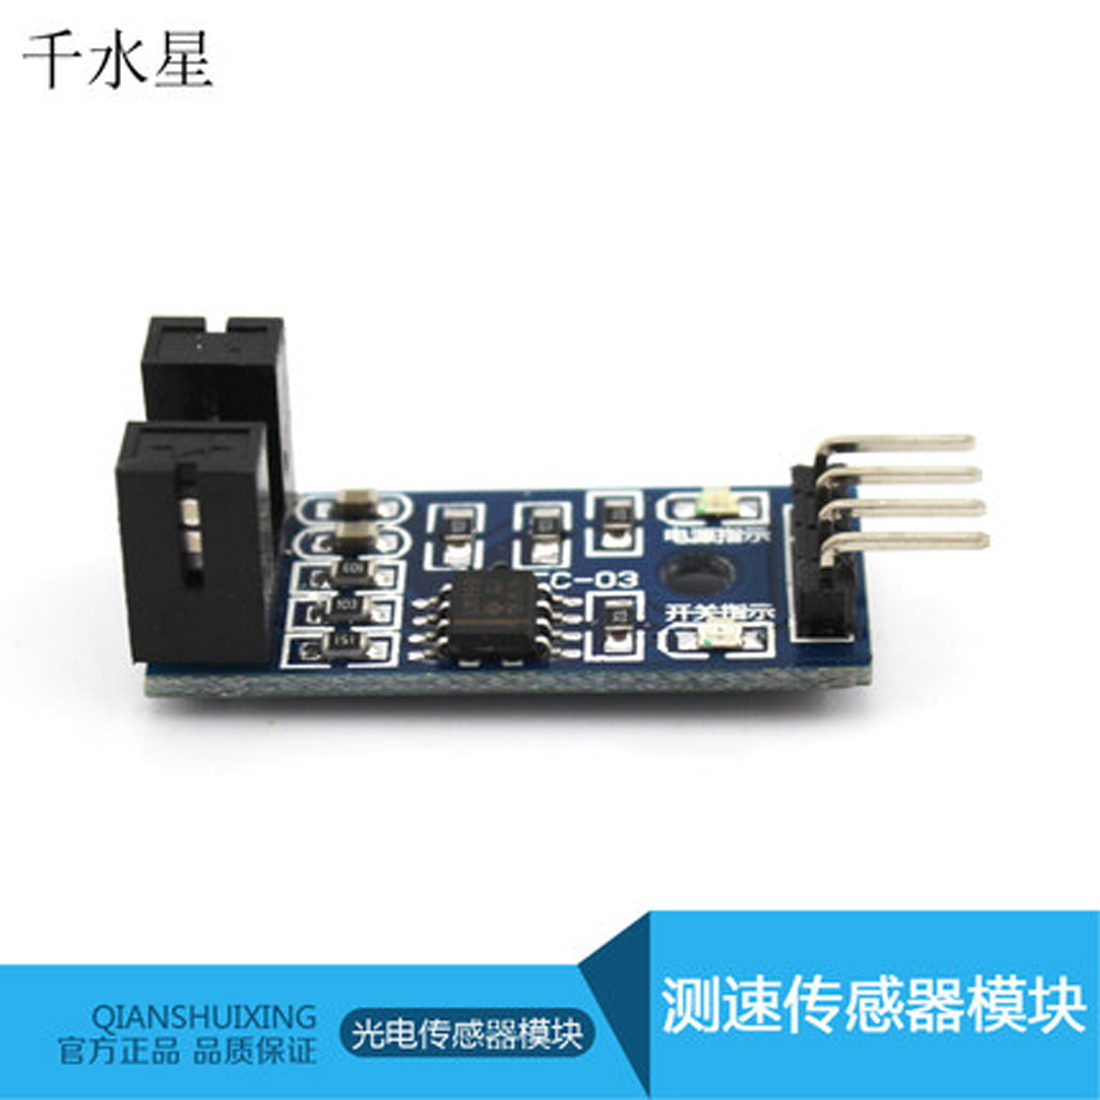 首页 电路配件 传感器模块 测速传感器模块 脉冲 计数器模块 电机马达